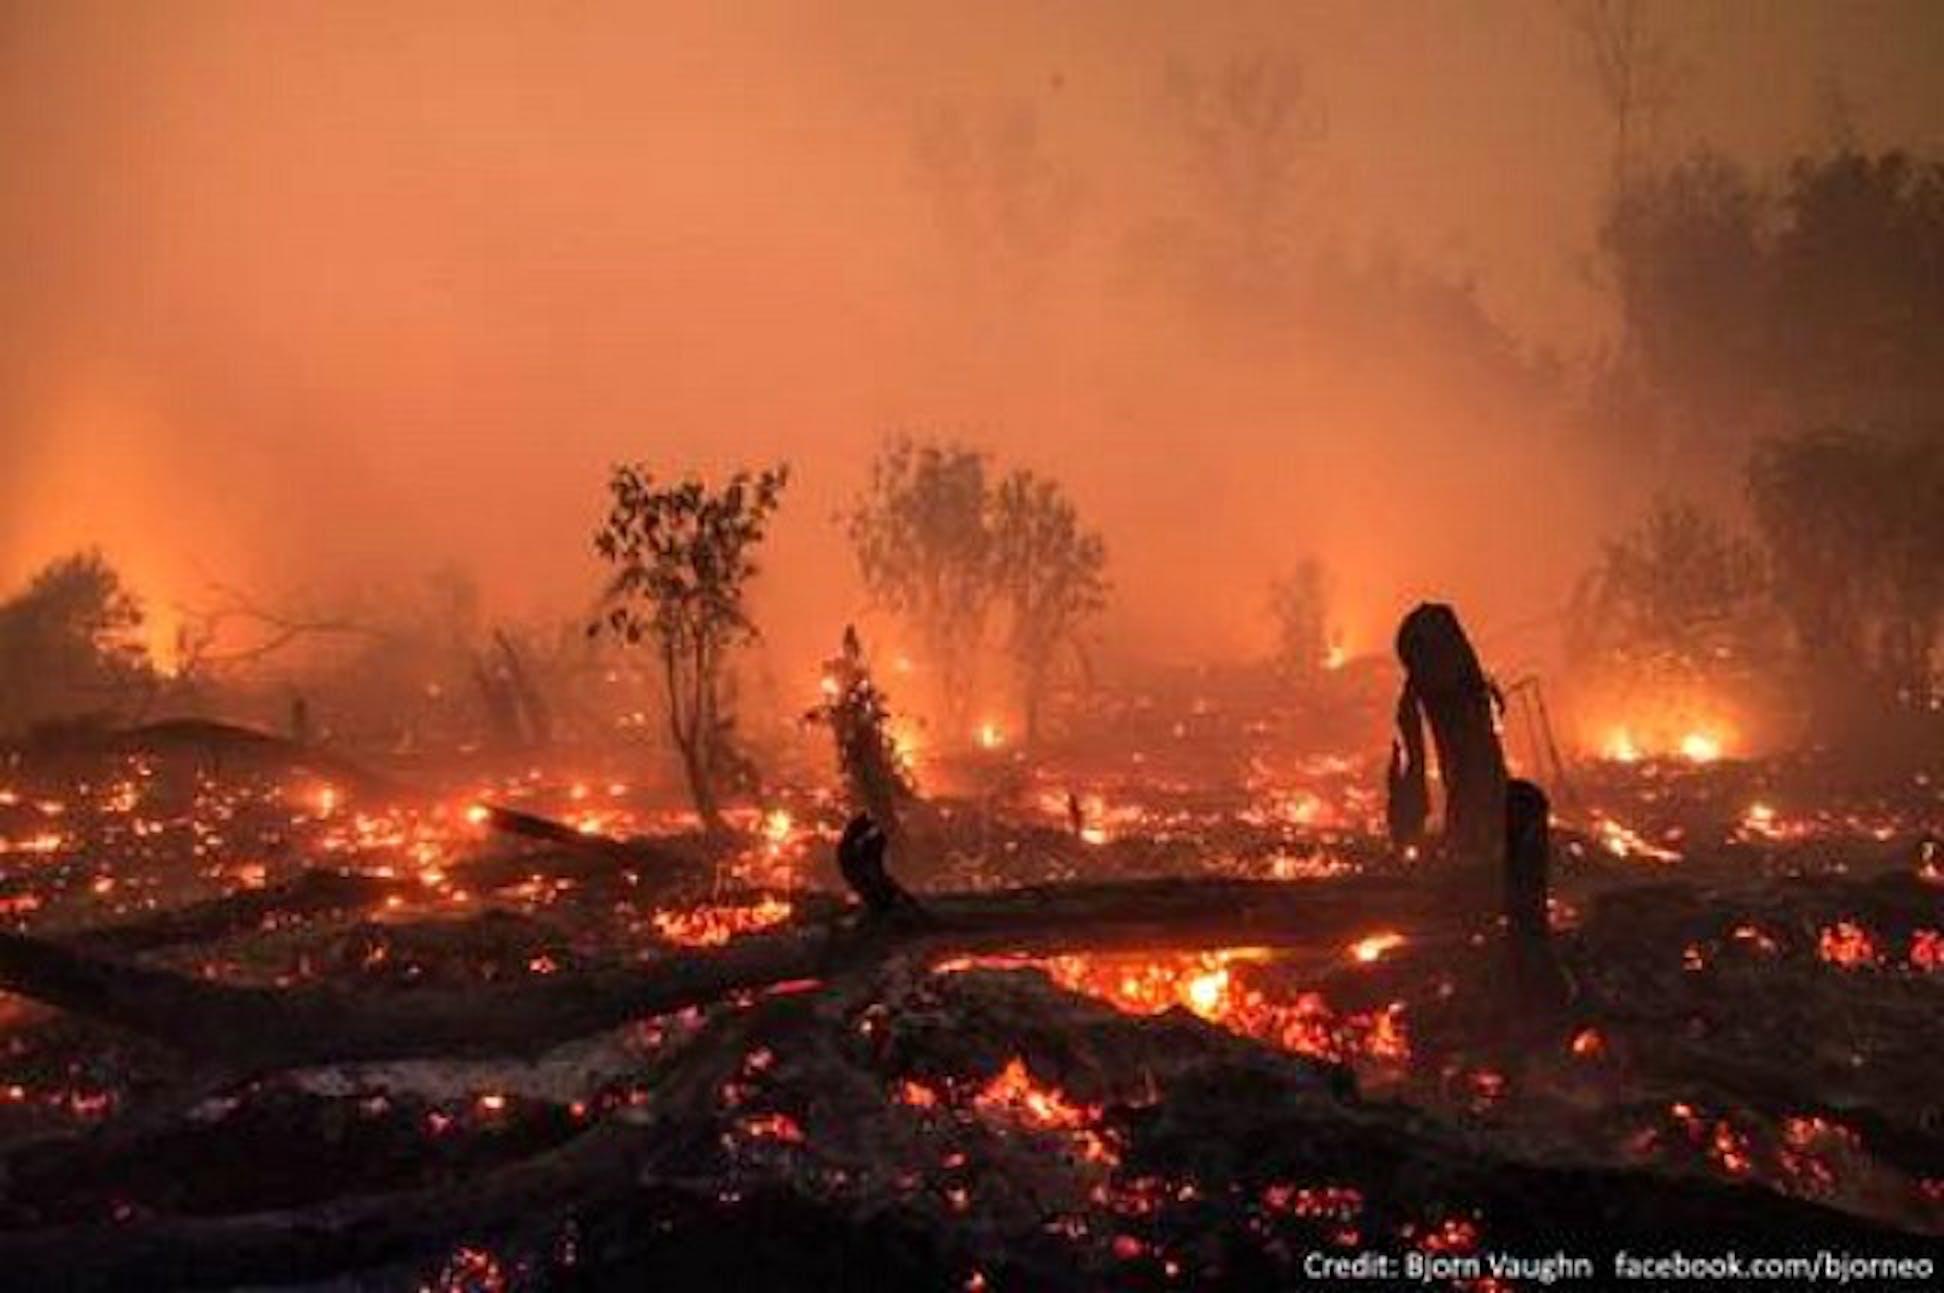 Un'immagine dei roghi che stanno devastando l'Indonesia - ©Björn Vaughn